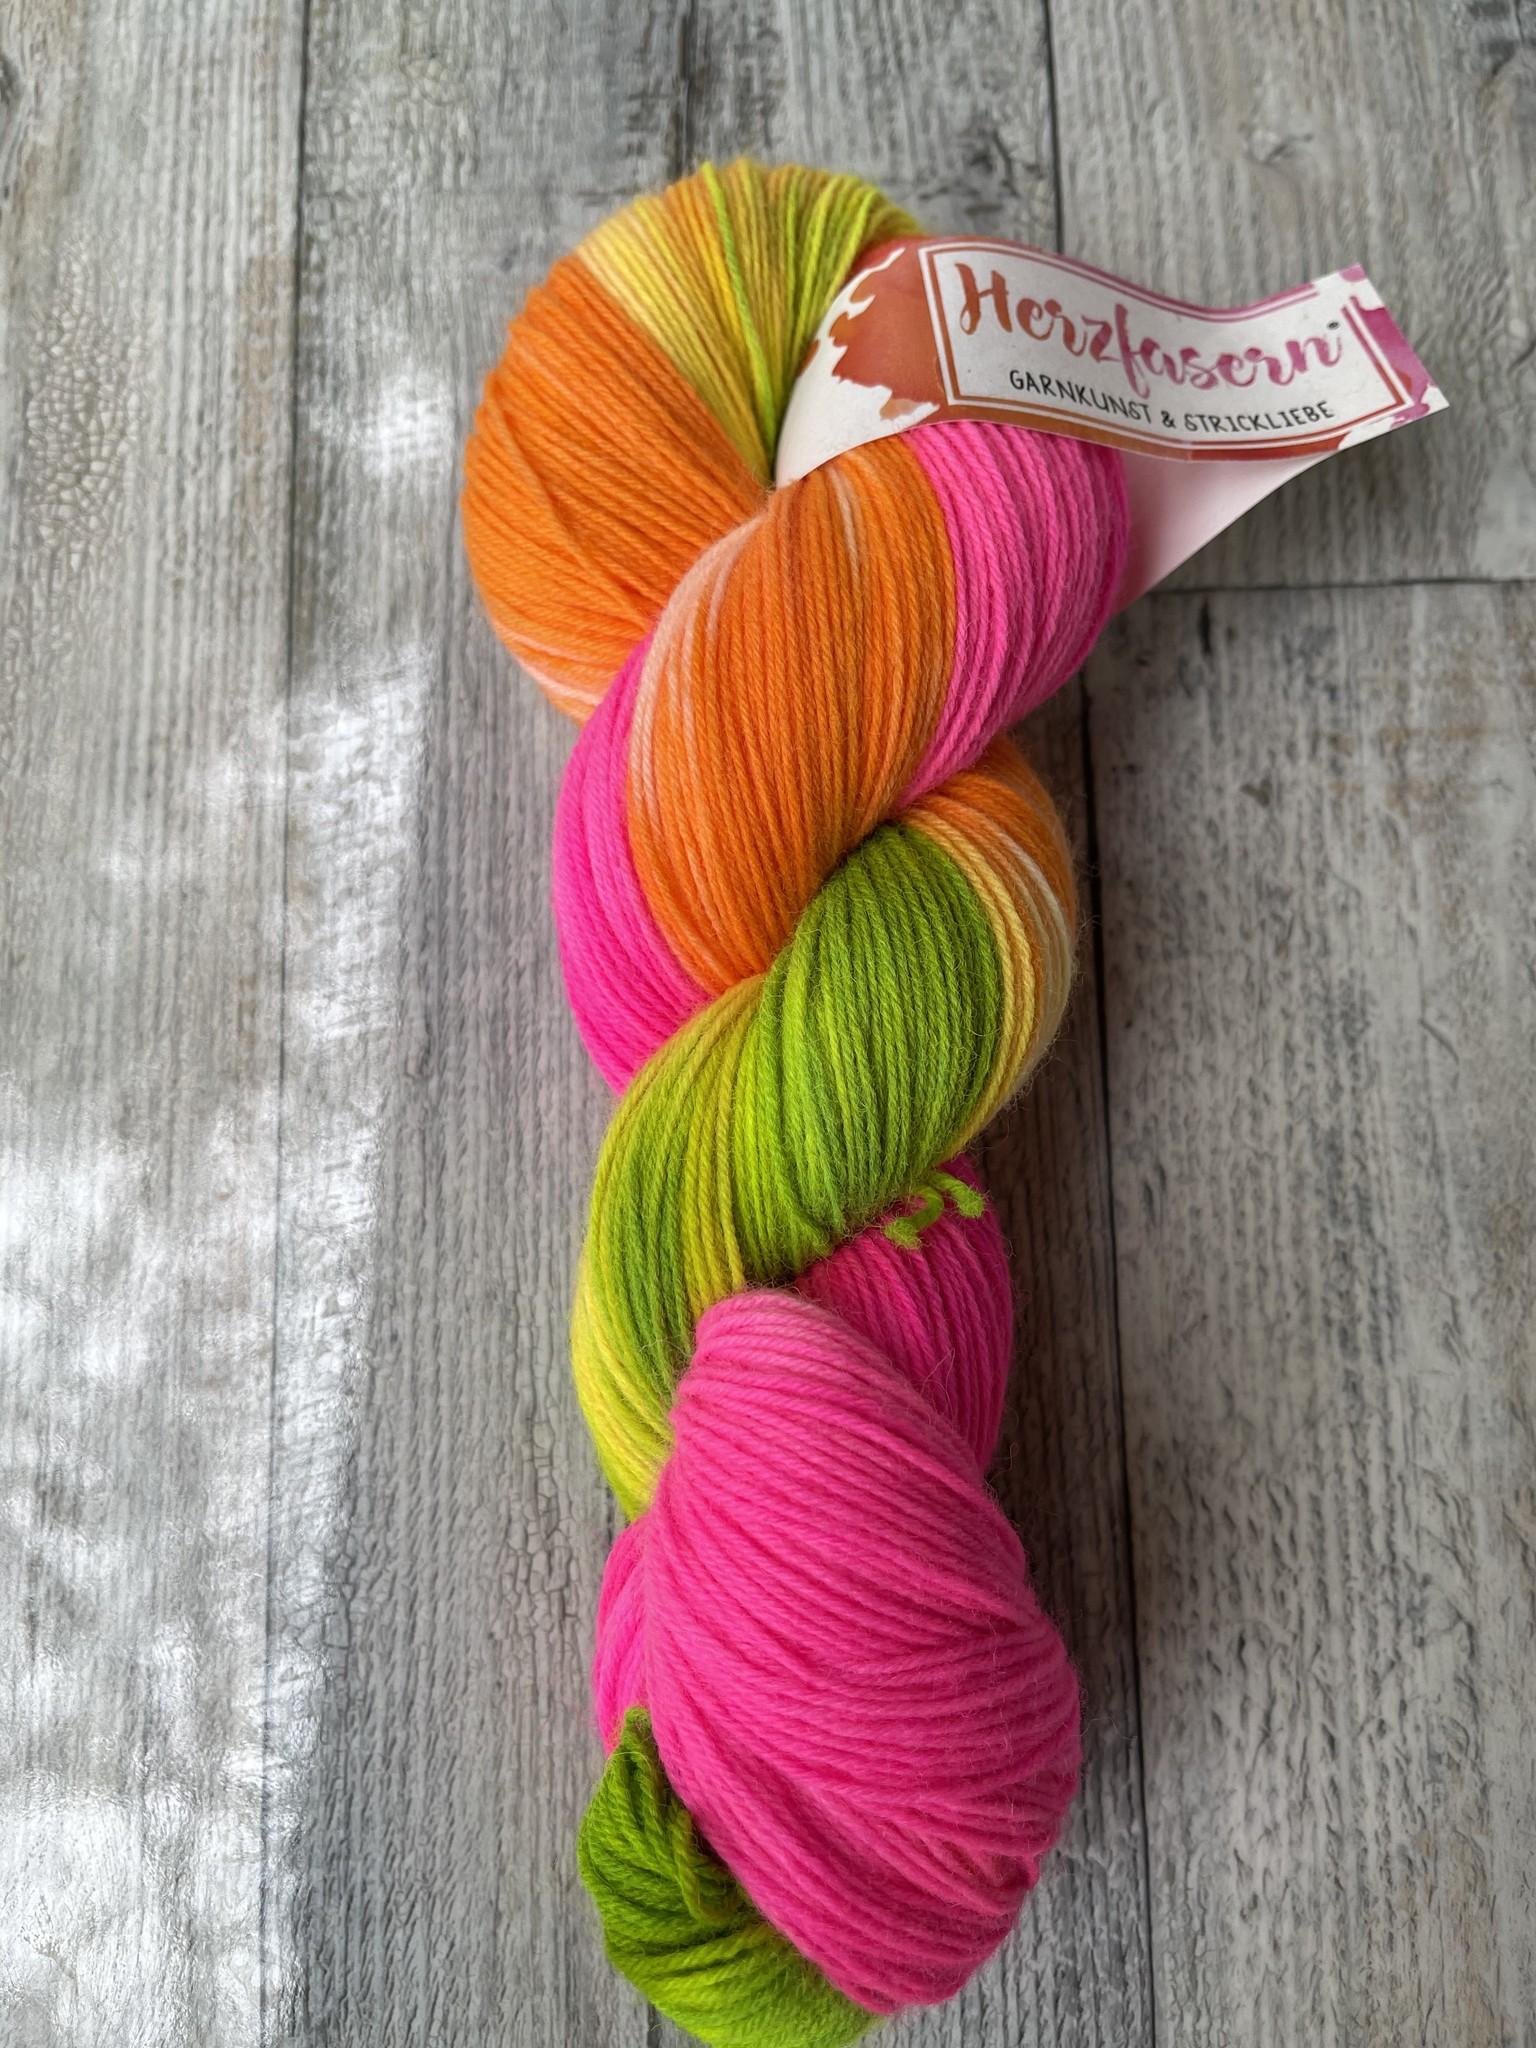 Herzfasern Herzfaser No 22 - Sockenwolle 4-fach  mit recyceltem Polyamid-muselingfrei  Color Tree